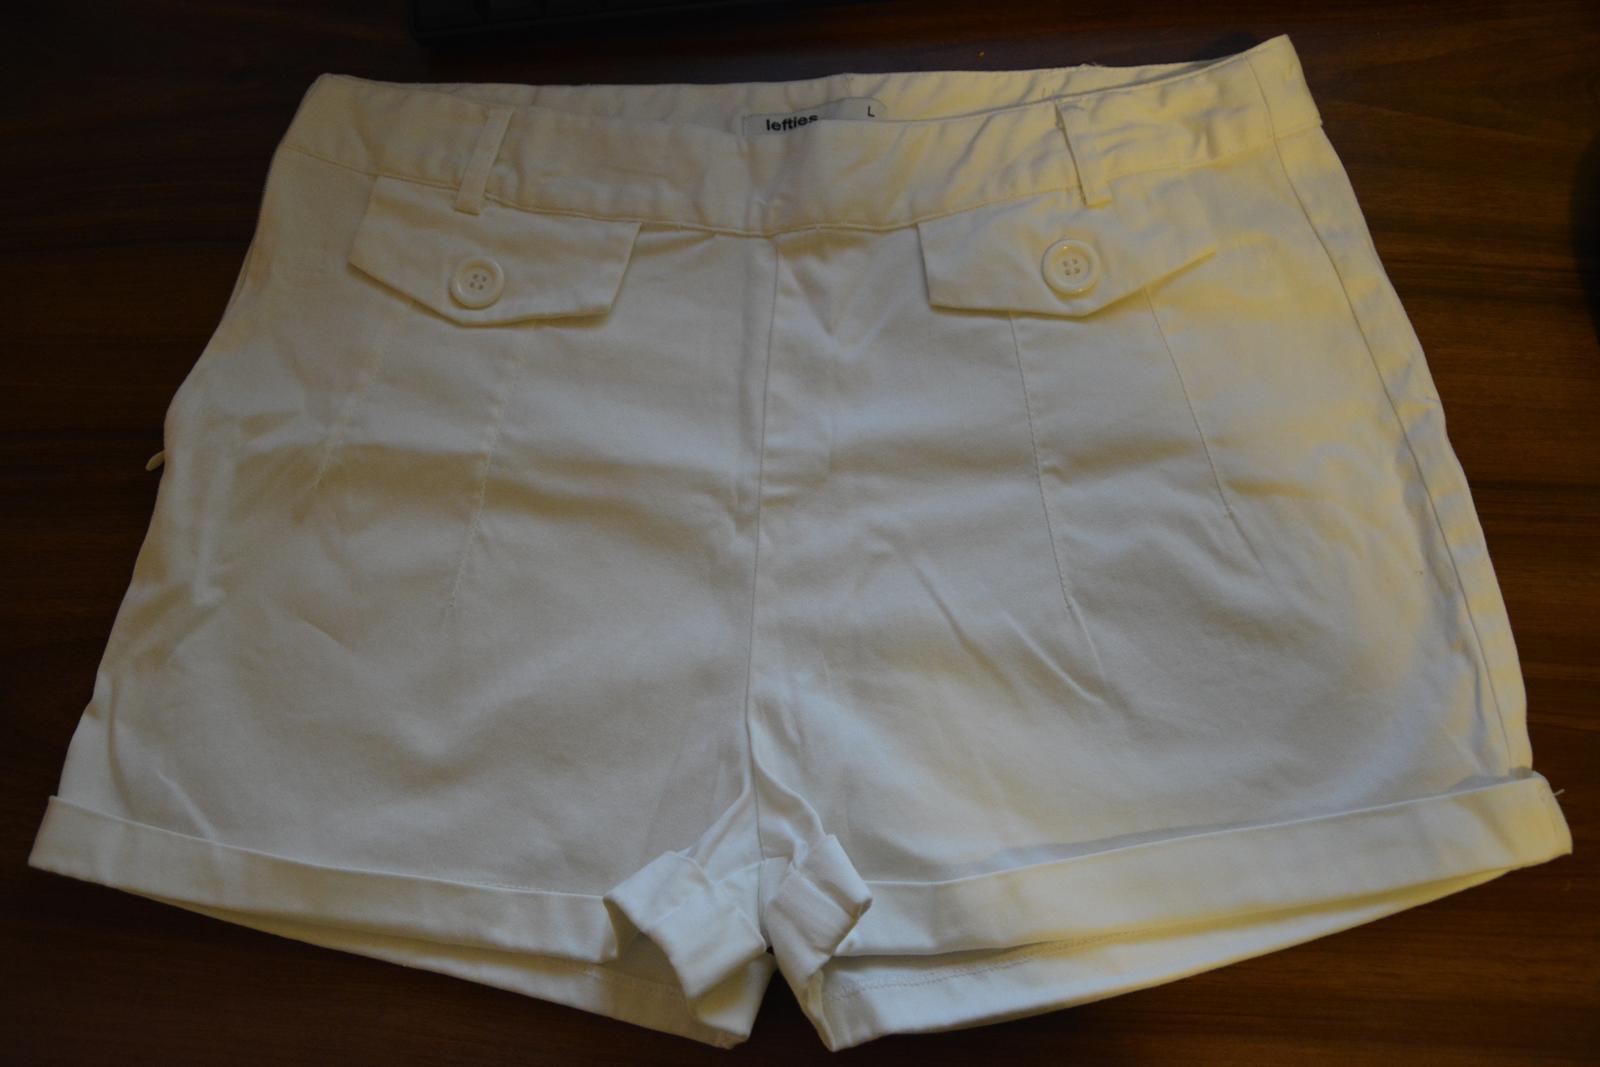 Bílé kraťásky značky LEFTIES - Obrázek č. 1